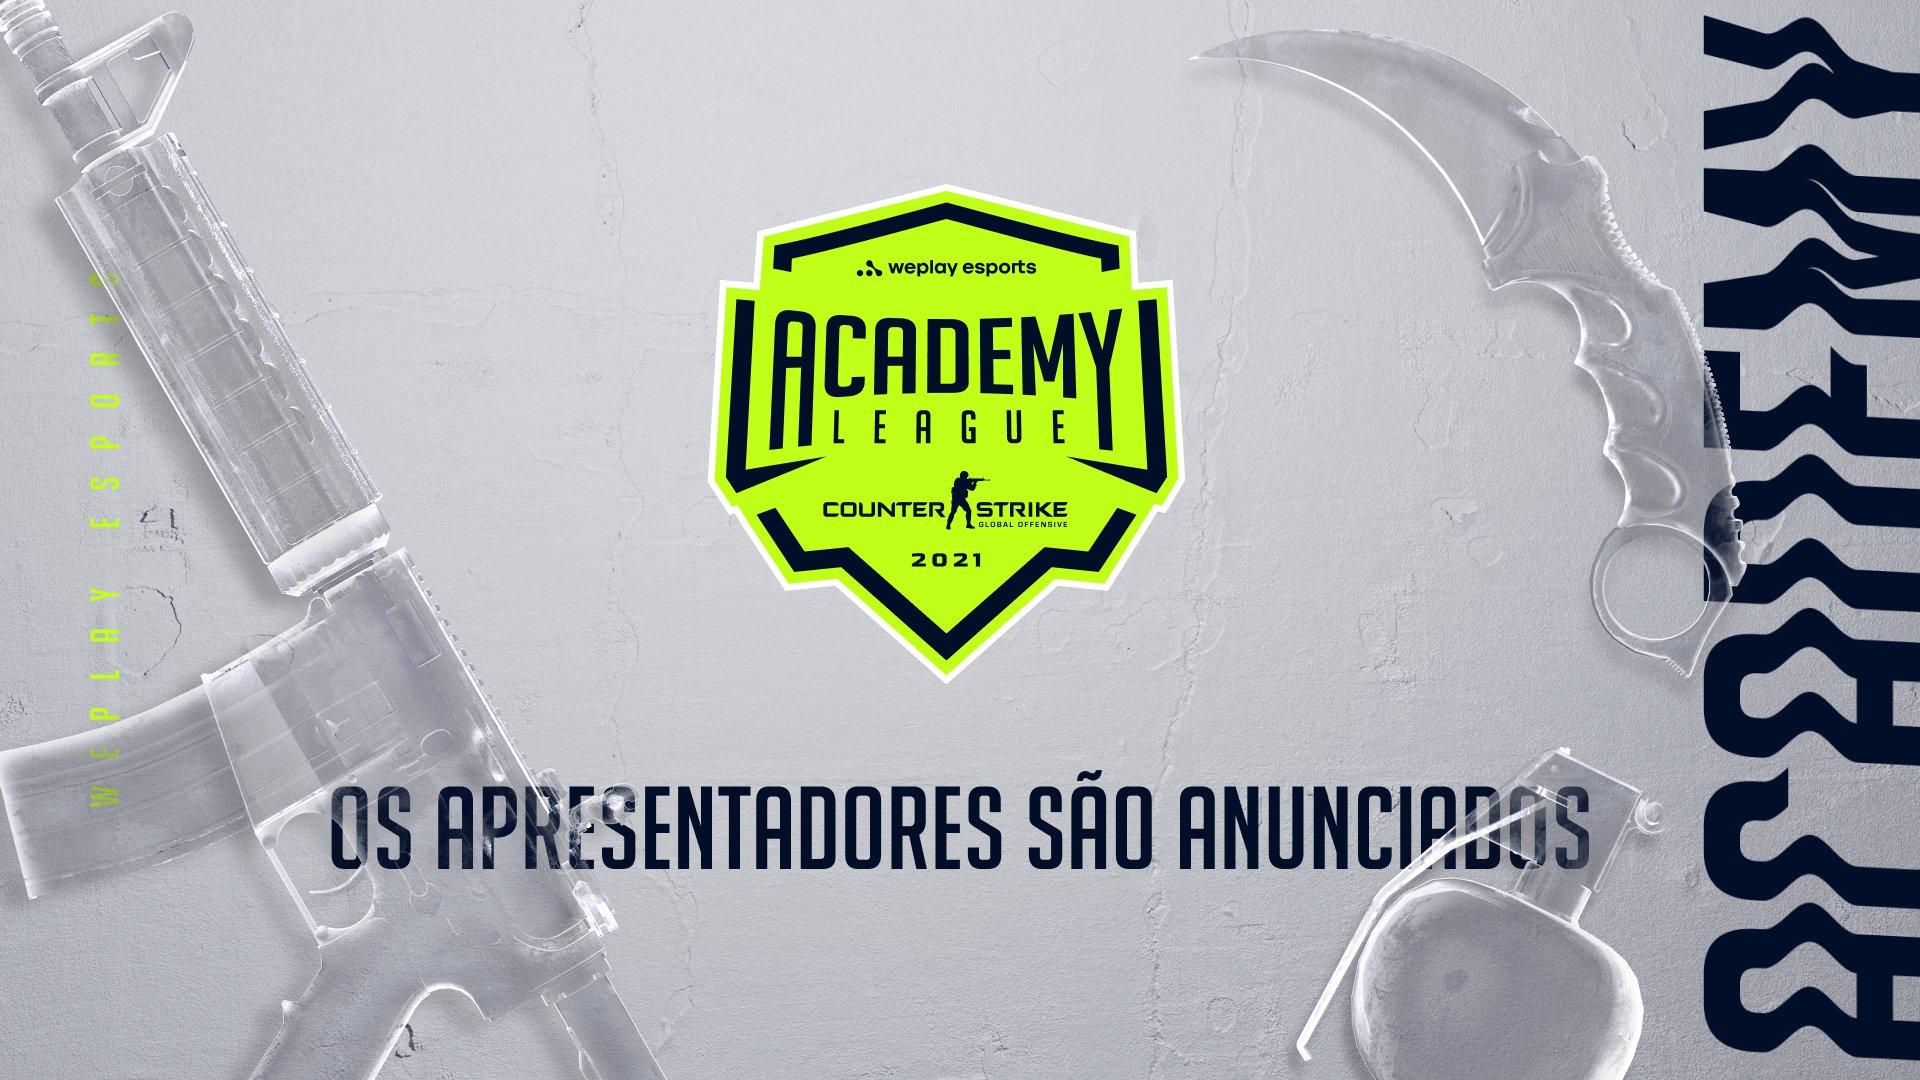 Os apresentadores da primeira temporada do WePlay Academy League. Imagem: WePlay Holding